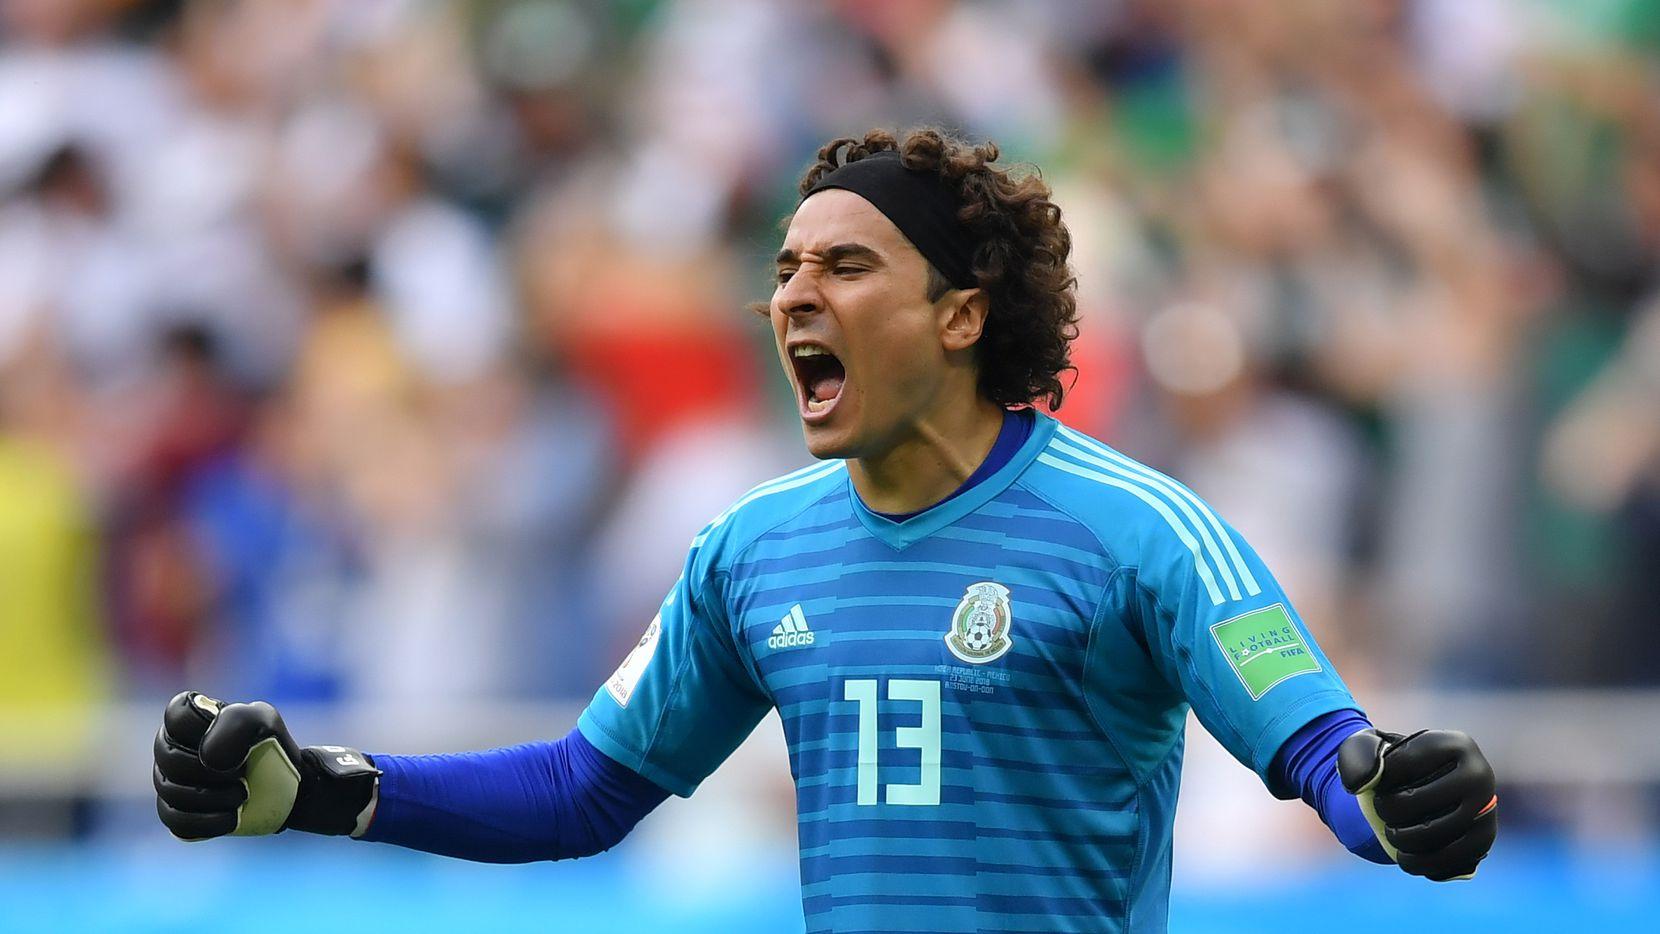 El portero Guillermo Memo Ochoa es titular indiscutible de la selección mexicana que pelea un boleto al Mundial de Qatar 2022.